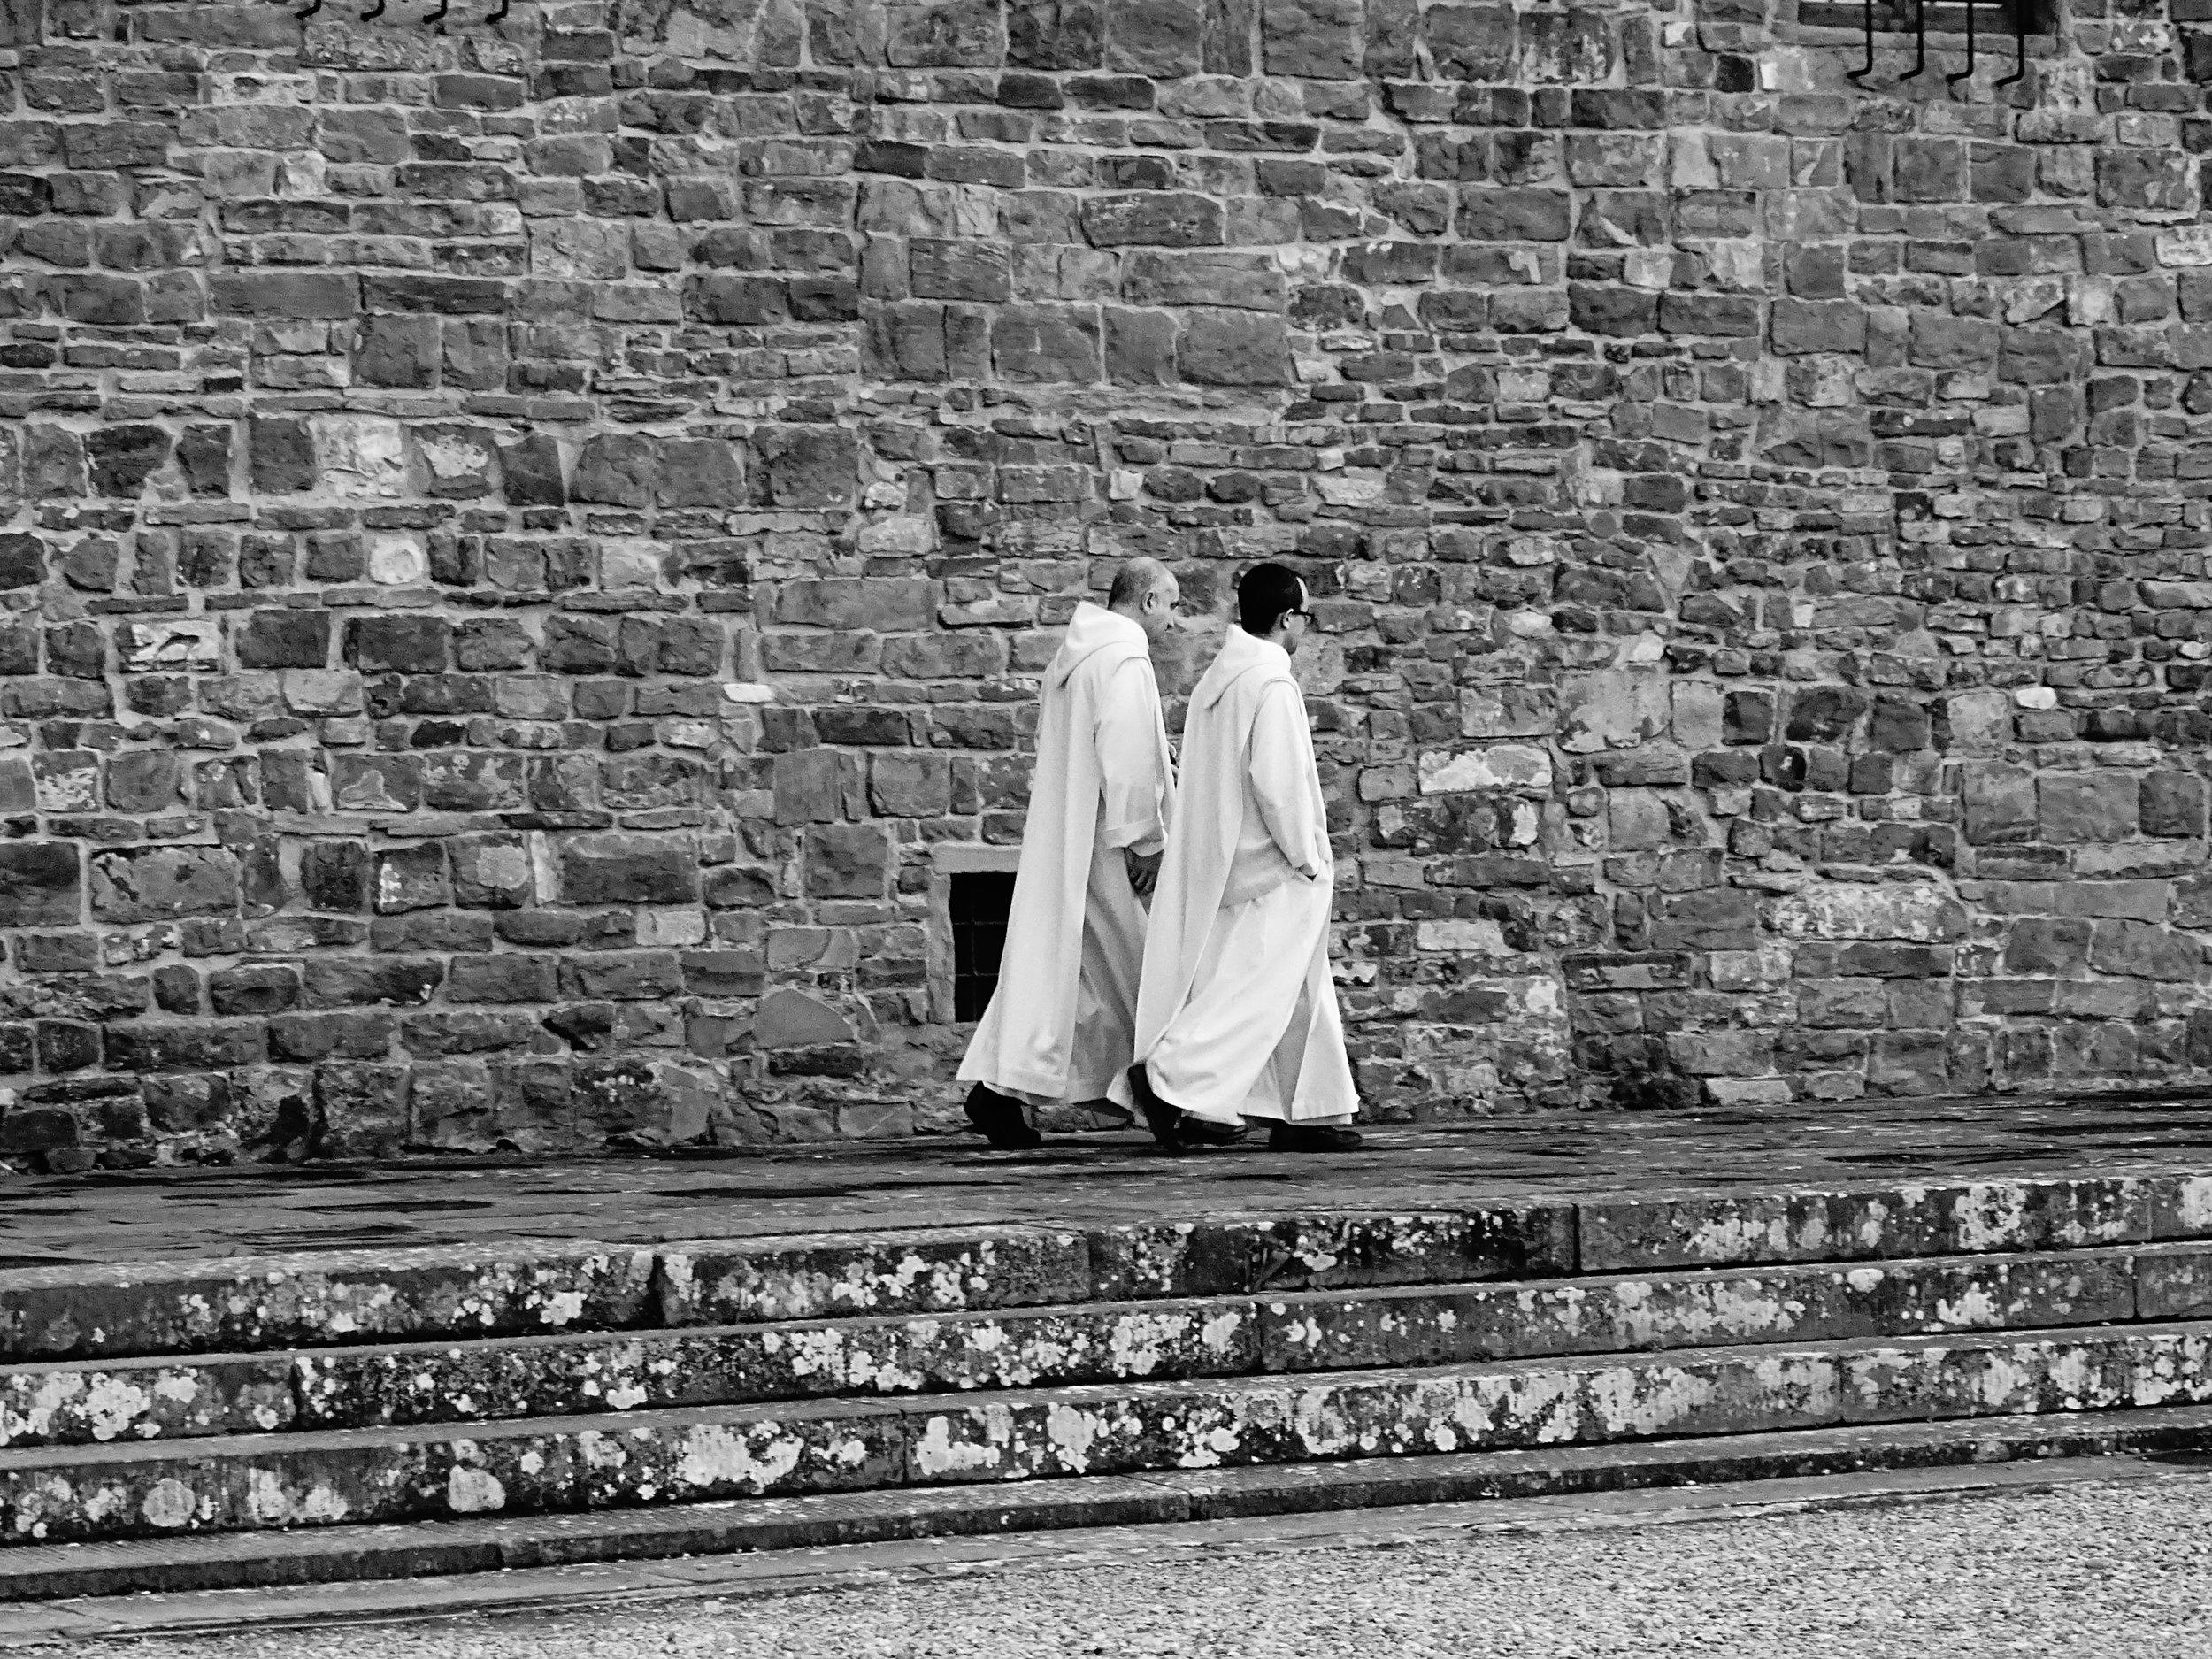 Monks at San Miniato, Florence 2018